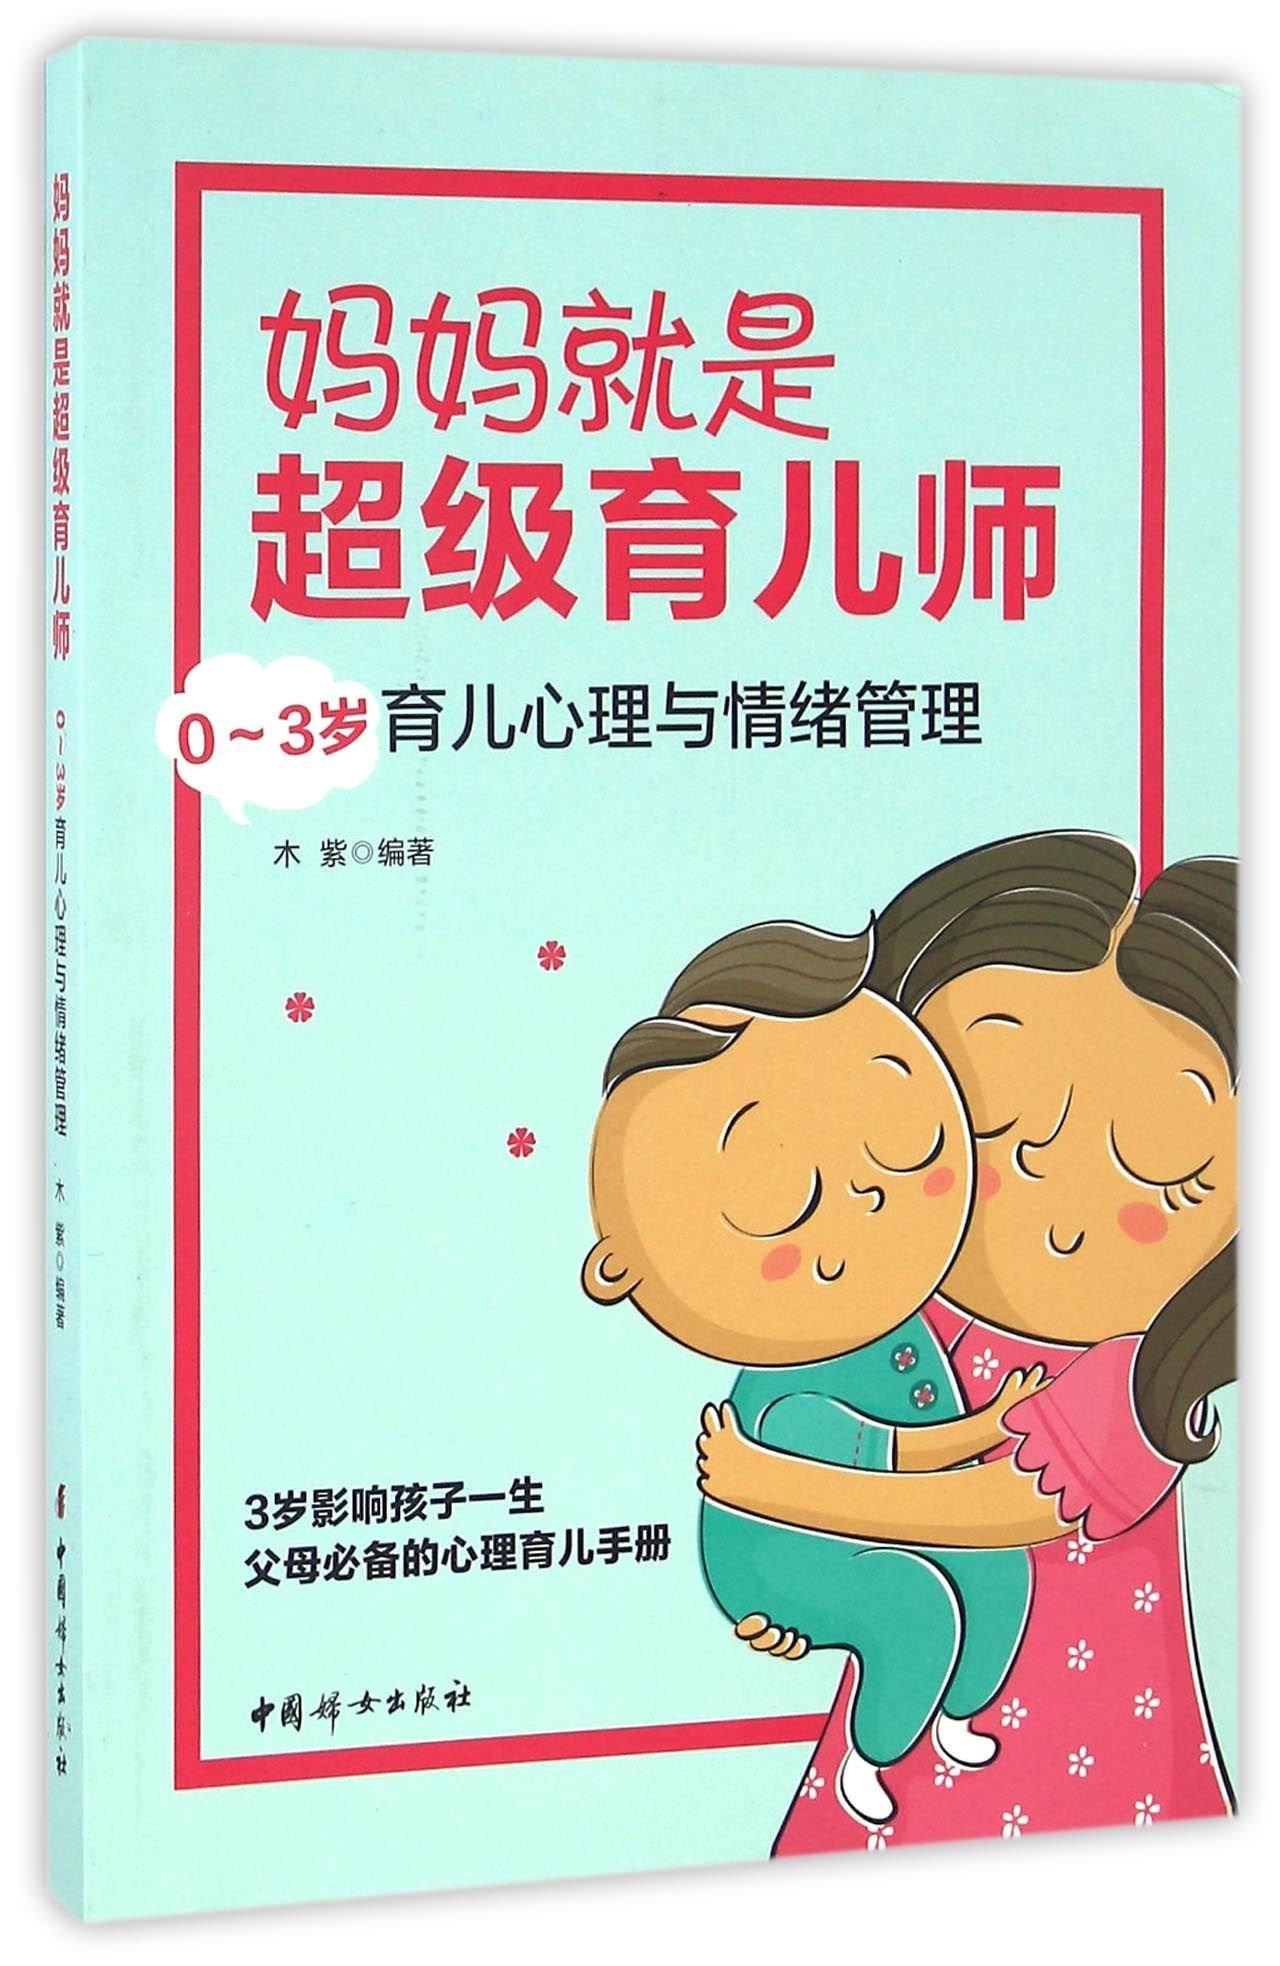 Mom is Super Nanny (Chinese Edition): Mu Zi: 9787512713215